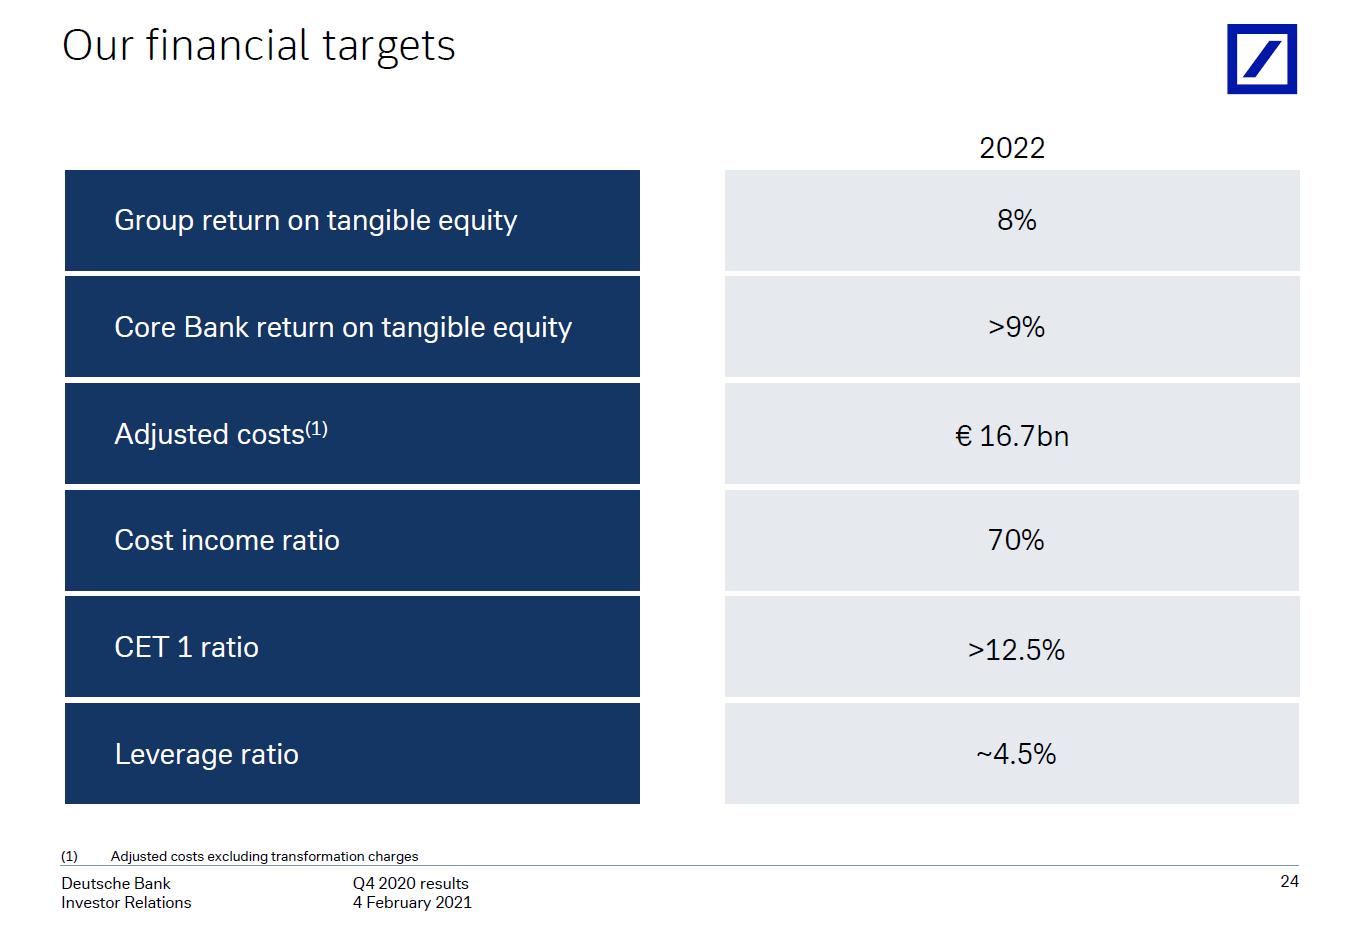 Finanční cíle Deutsche Bank na rok 2022